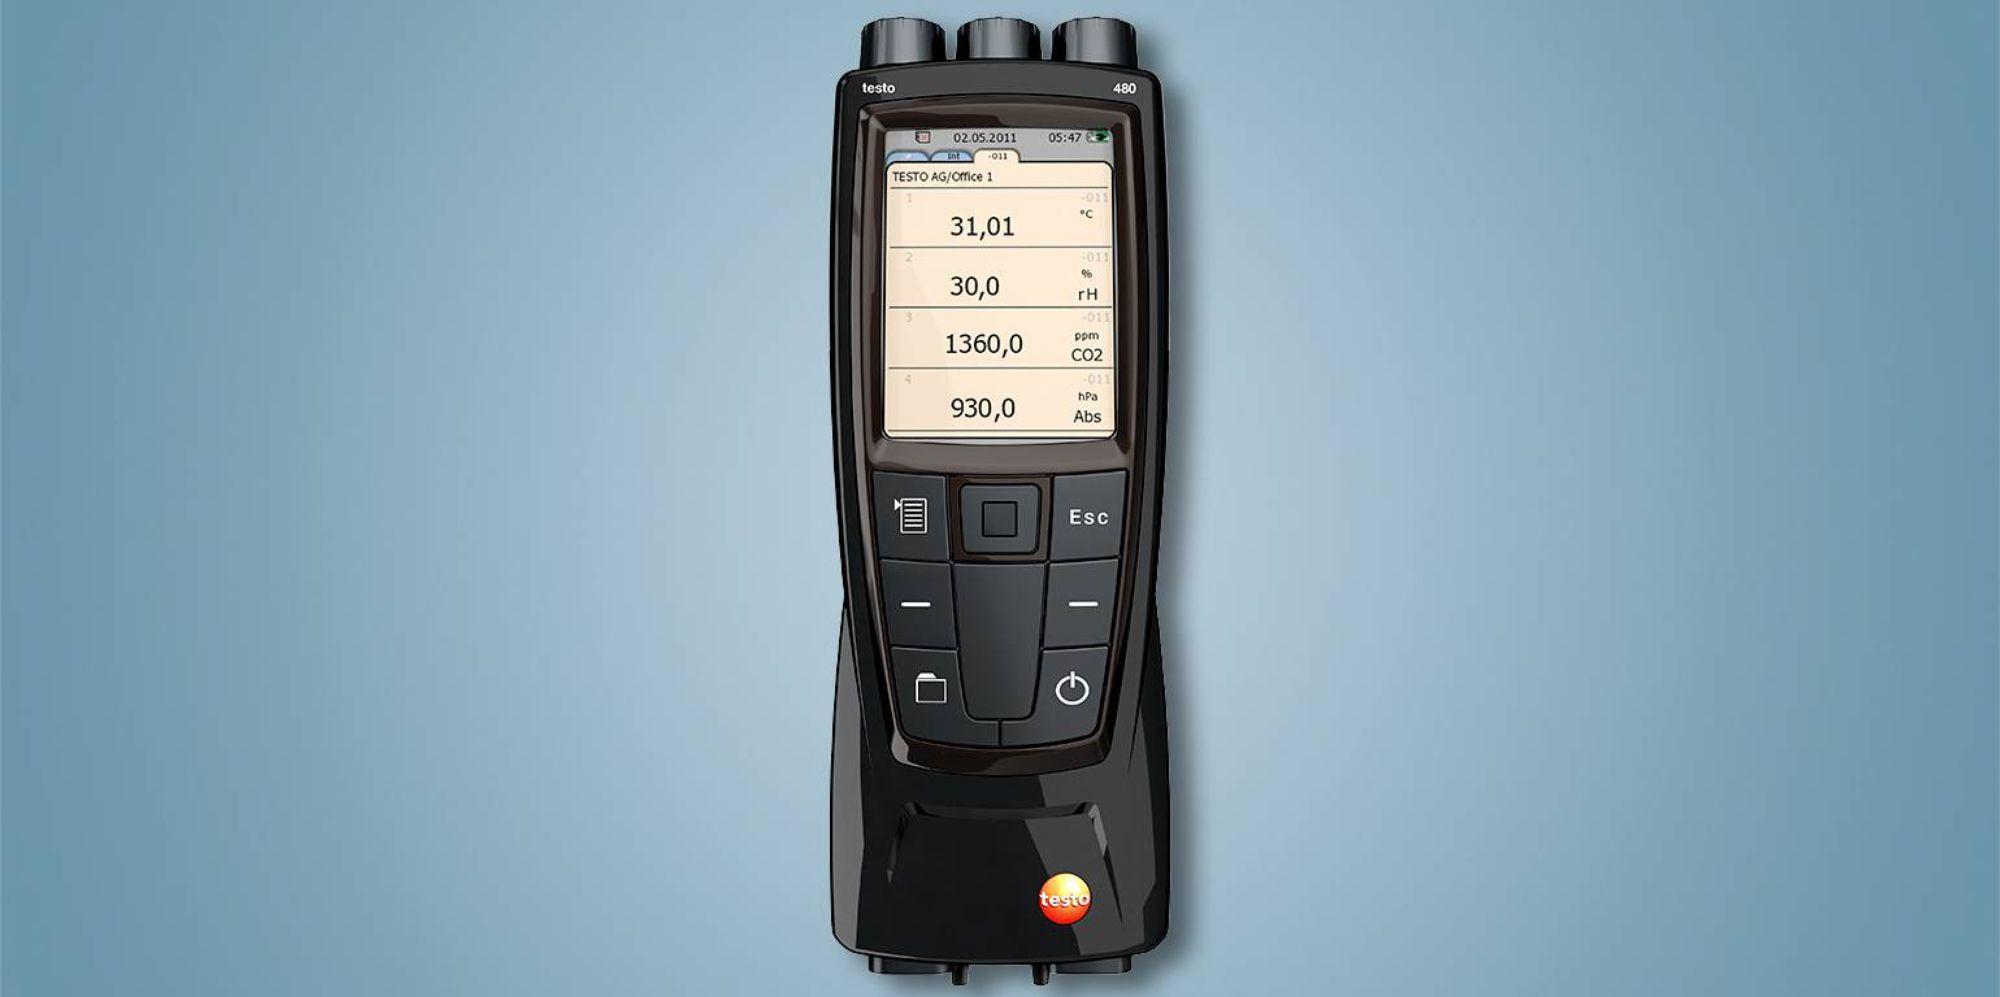 testo 480 多功能测量仪